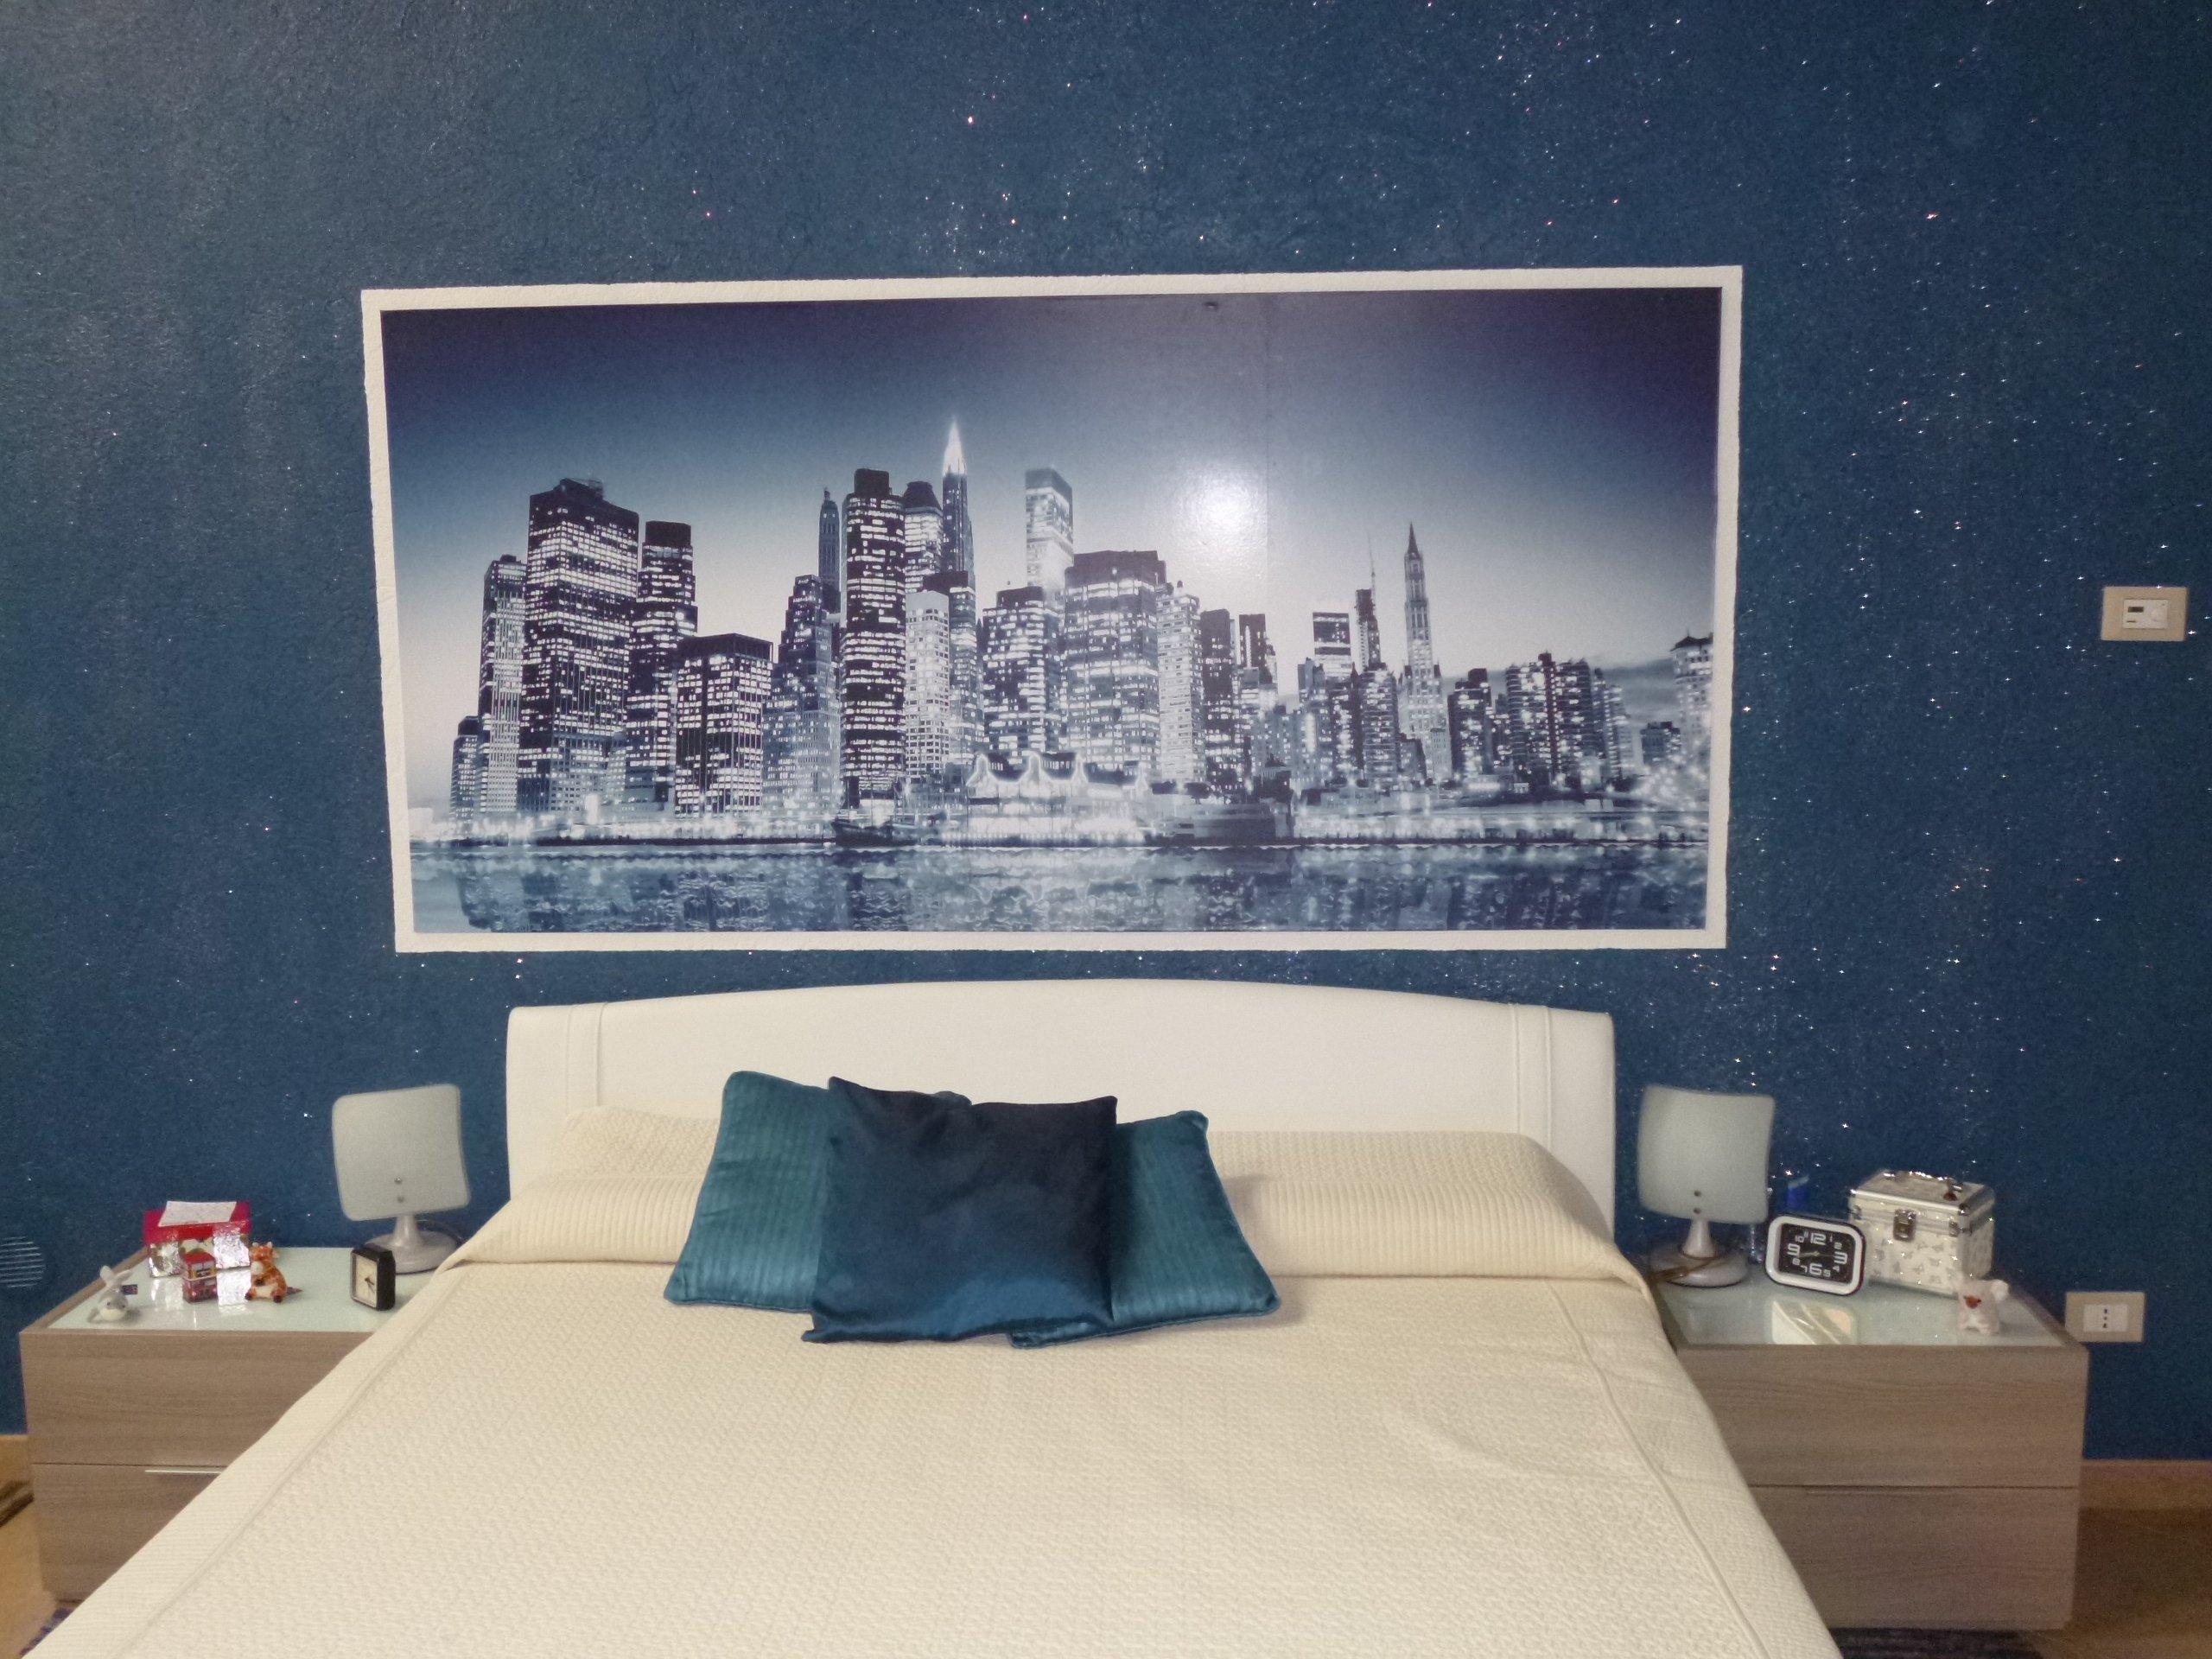 letto con lenzuola bianca e parete azzurro con un quadro